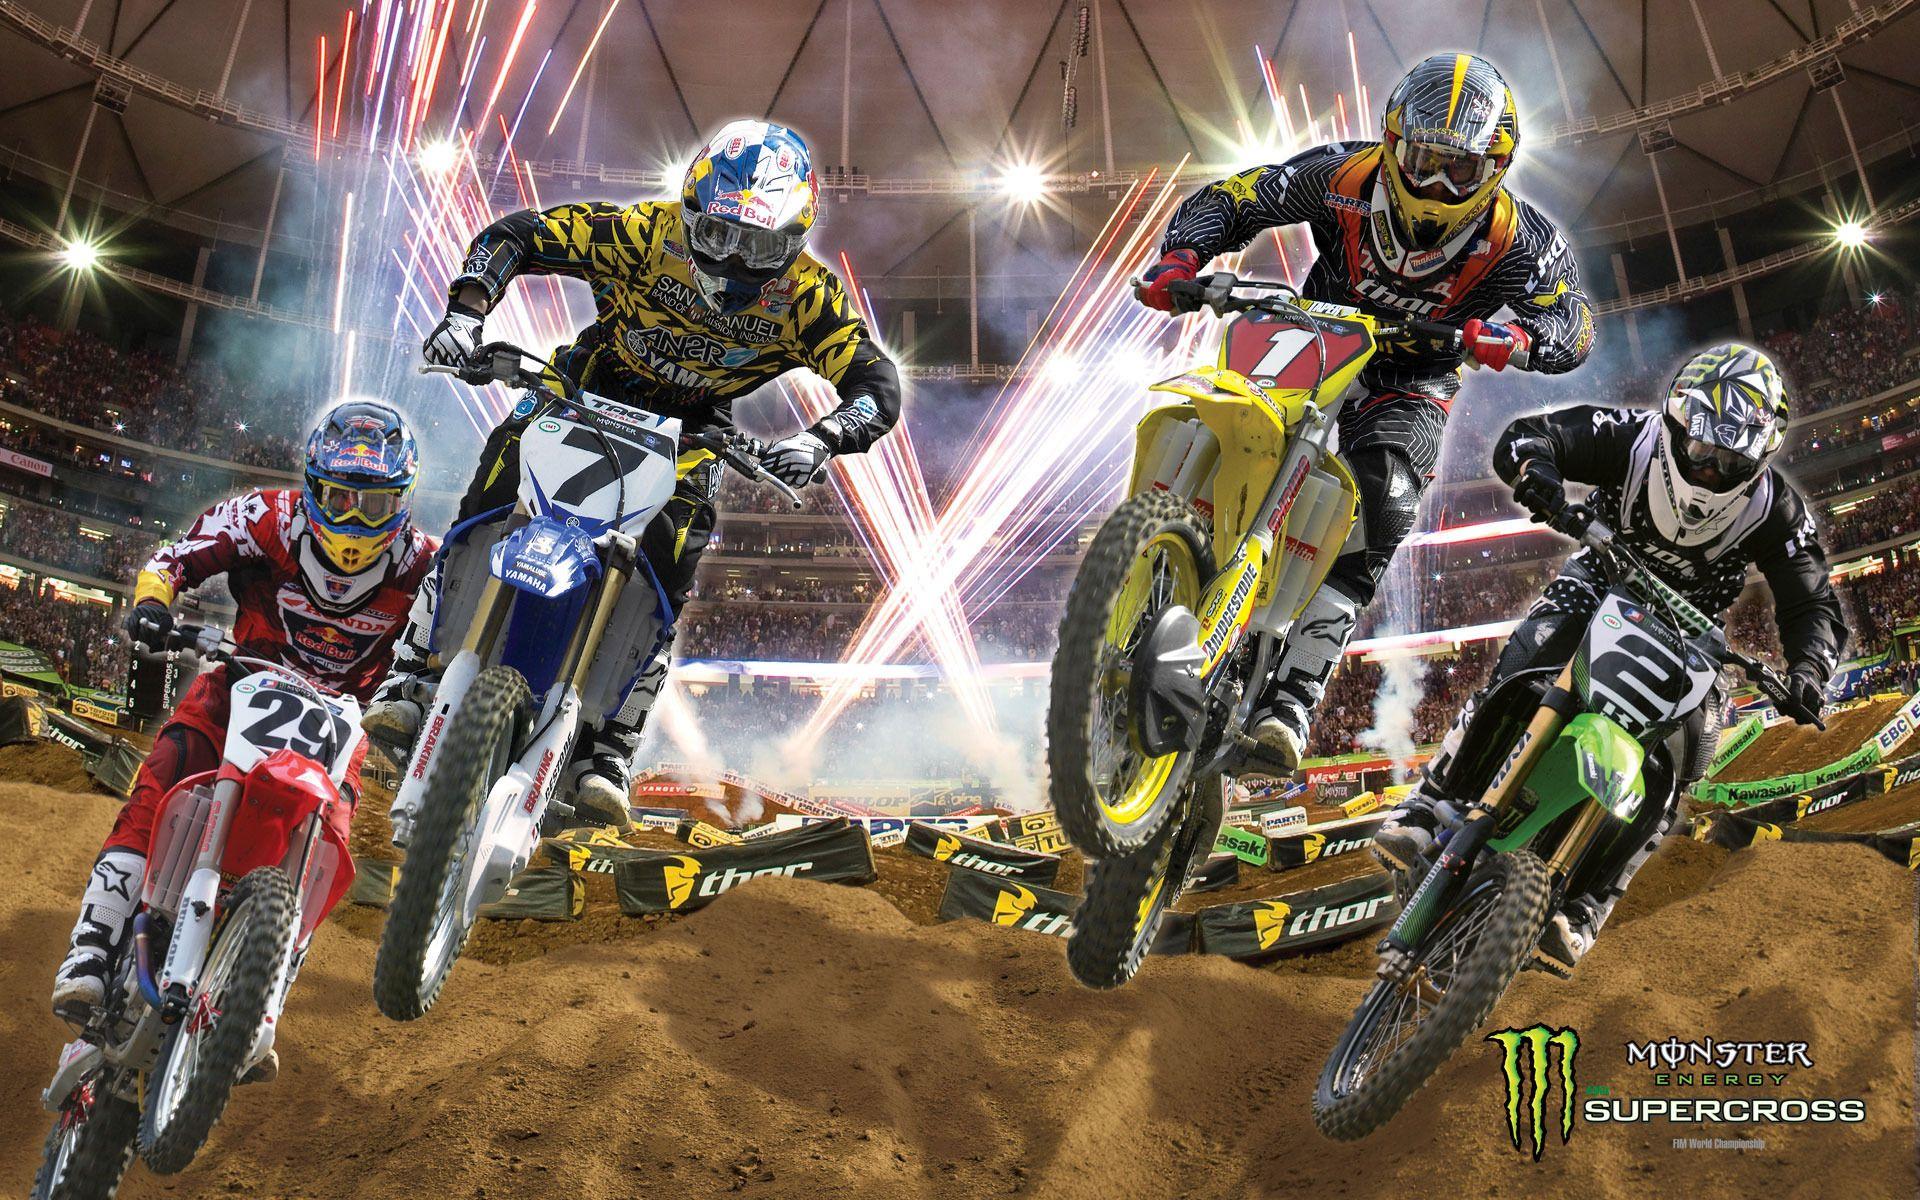 Monster Energy Supercross Wallpaper